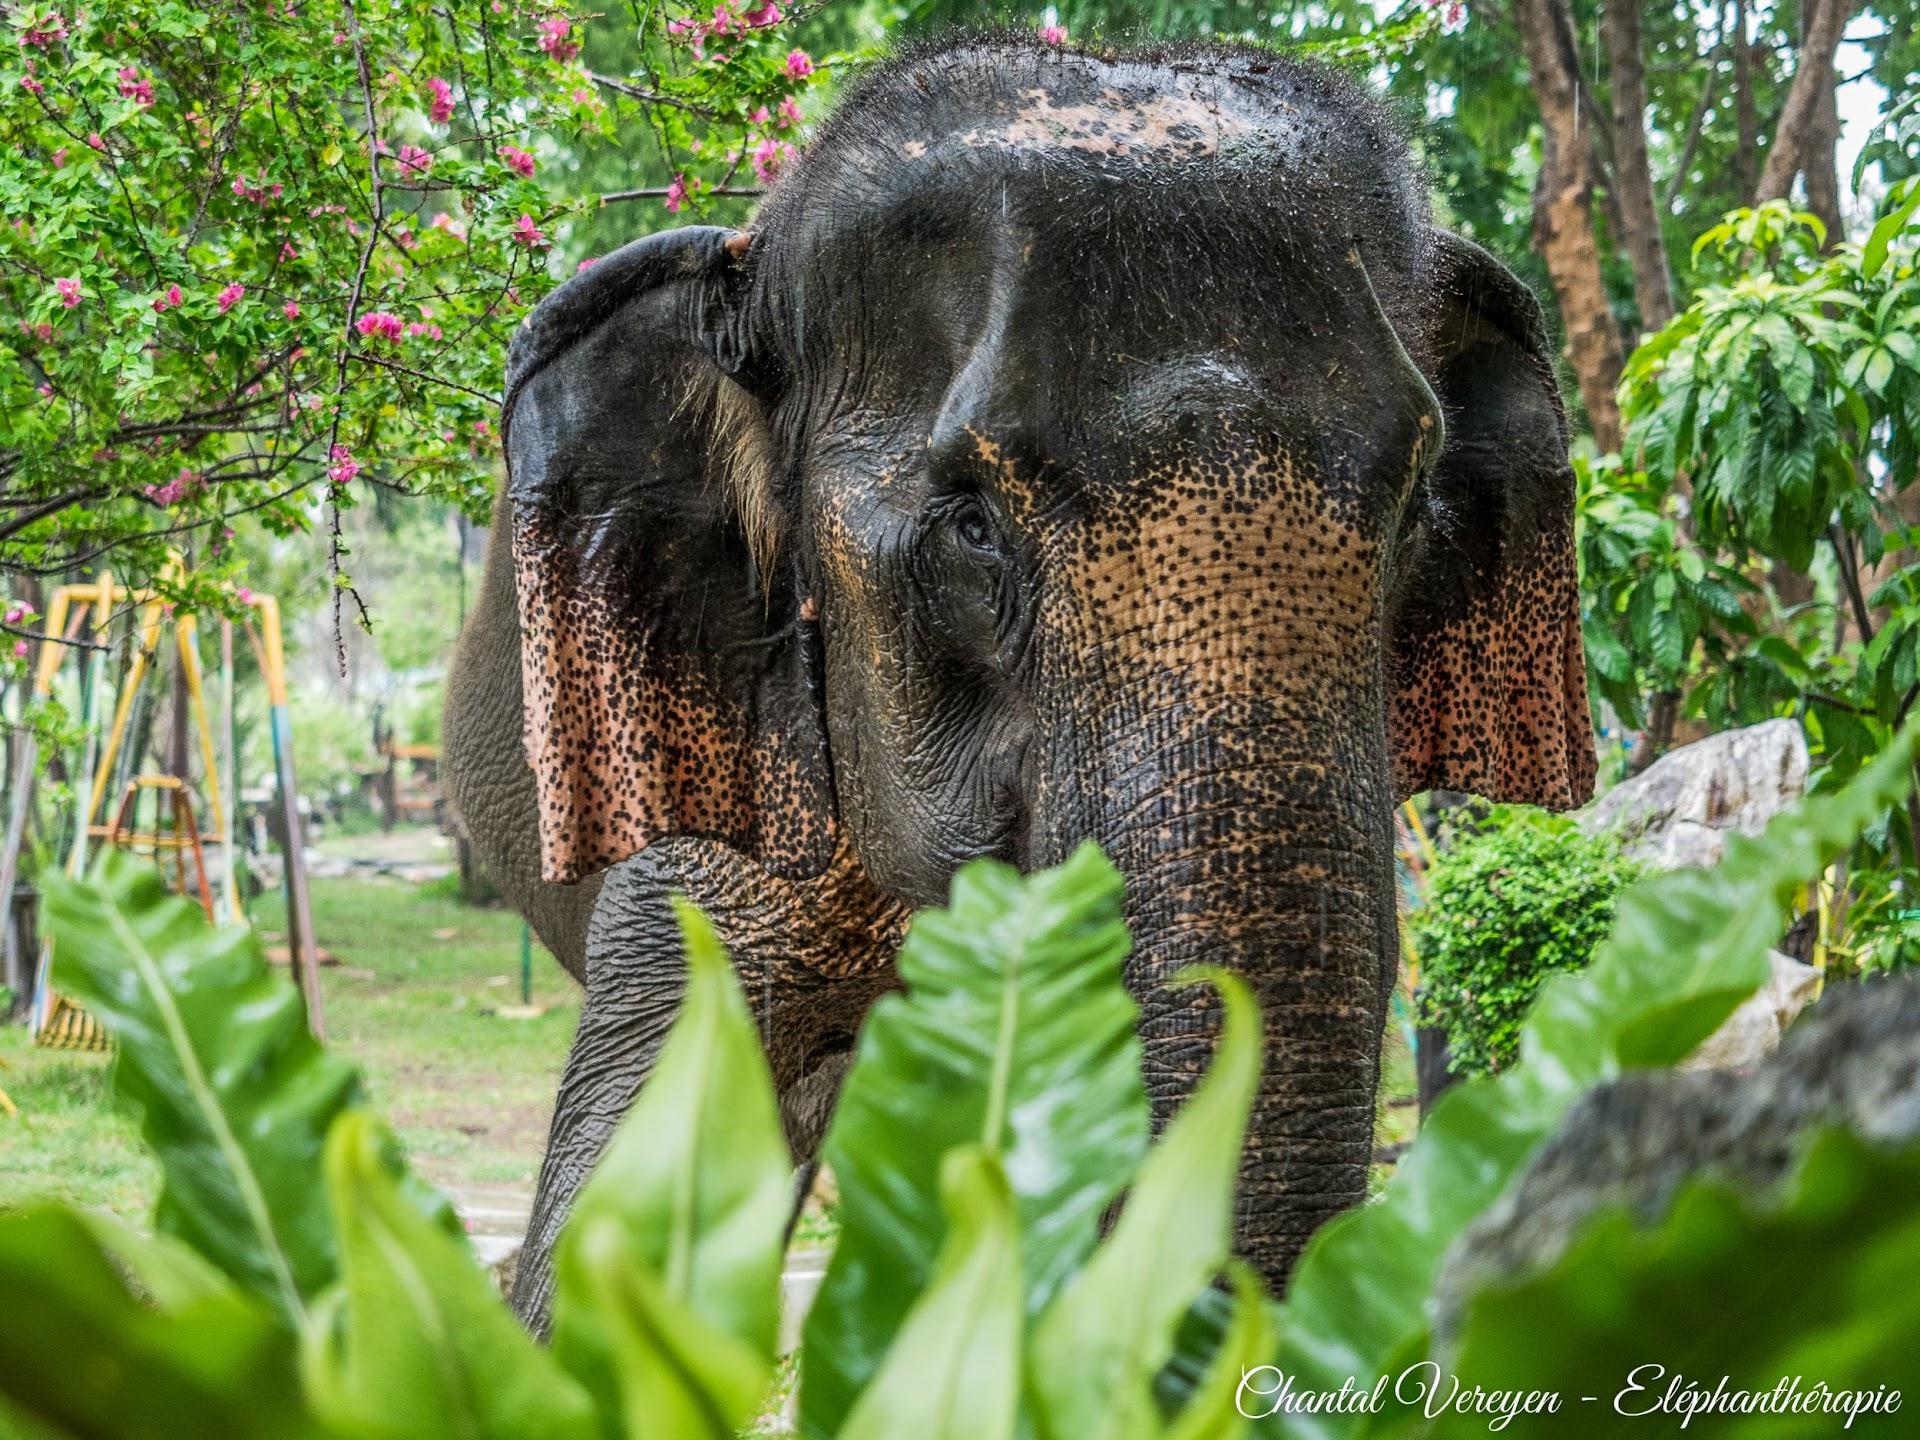 Tao,BaanMama,staged'éléphanthérapieChantalVereyen